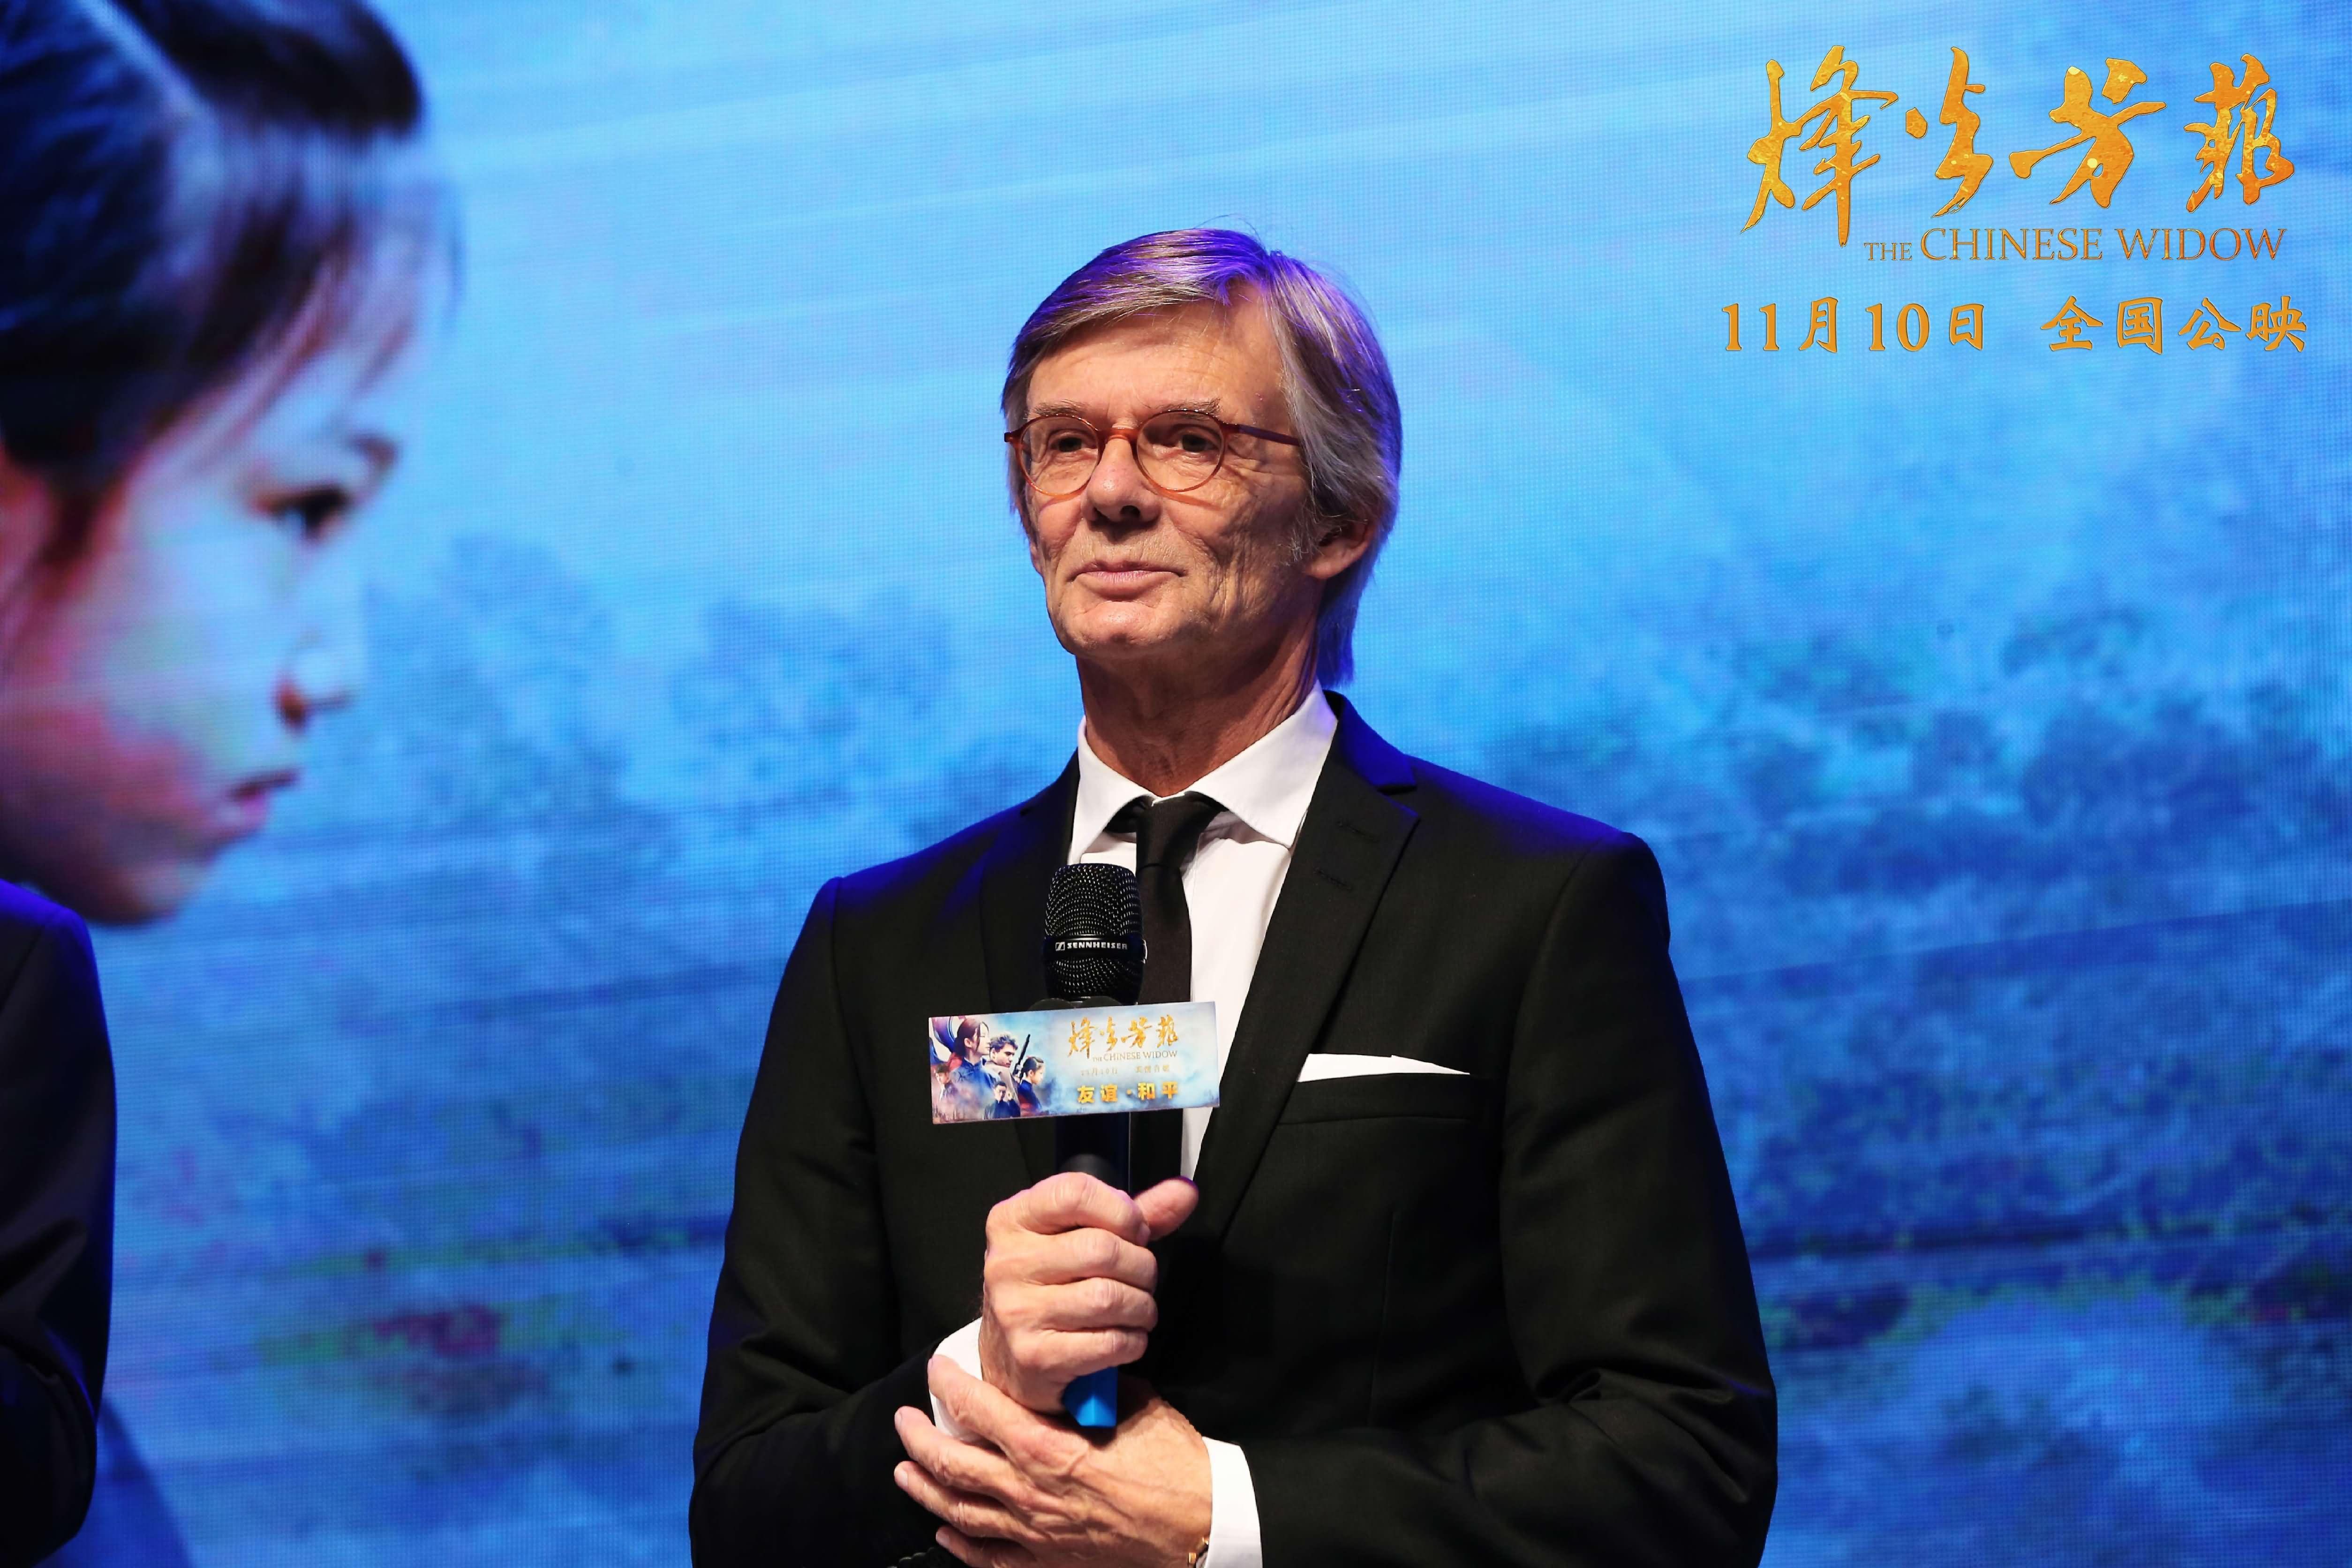 《烽火芳菲》杭州透过电影唤醒对被遗忘历史的关注